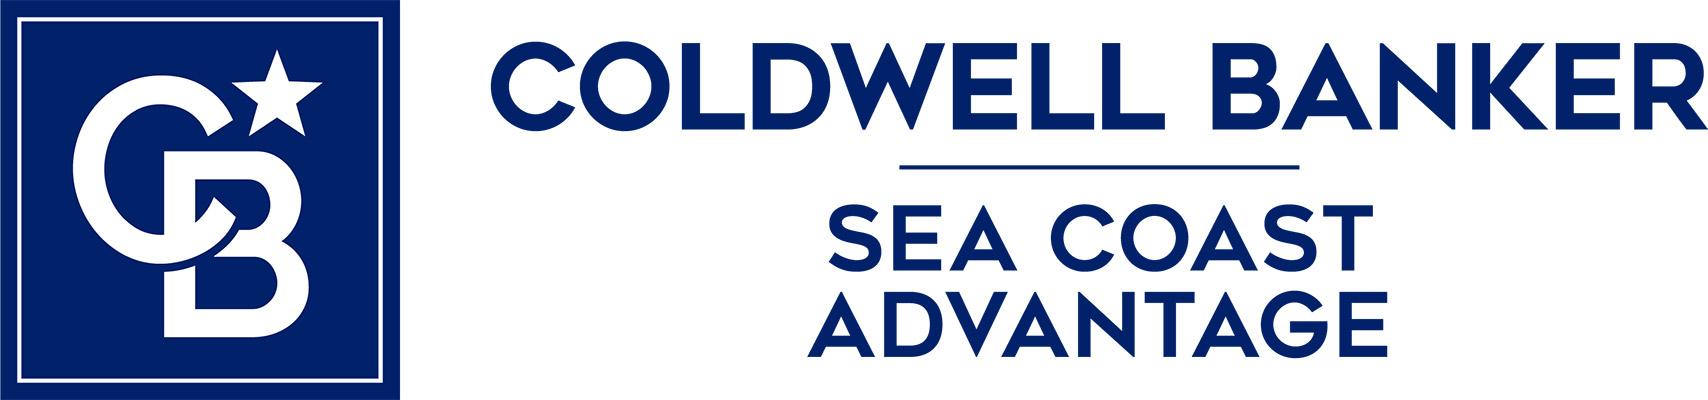 Jill Hope - Coldwell Banker Sea Coast Advantage Realty Logo